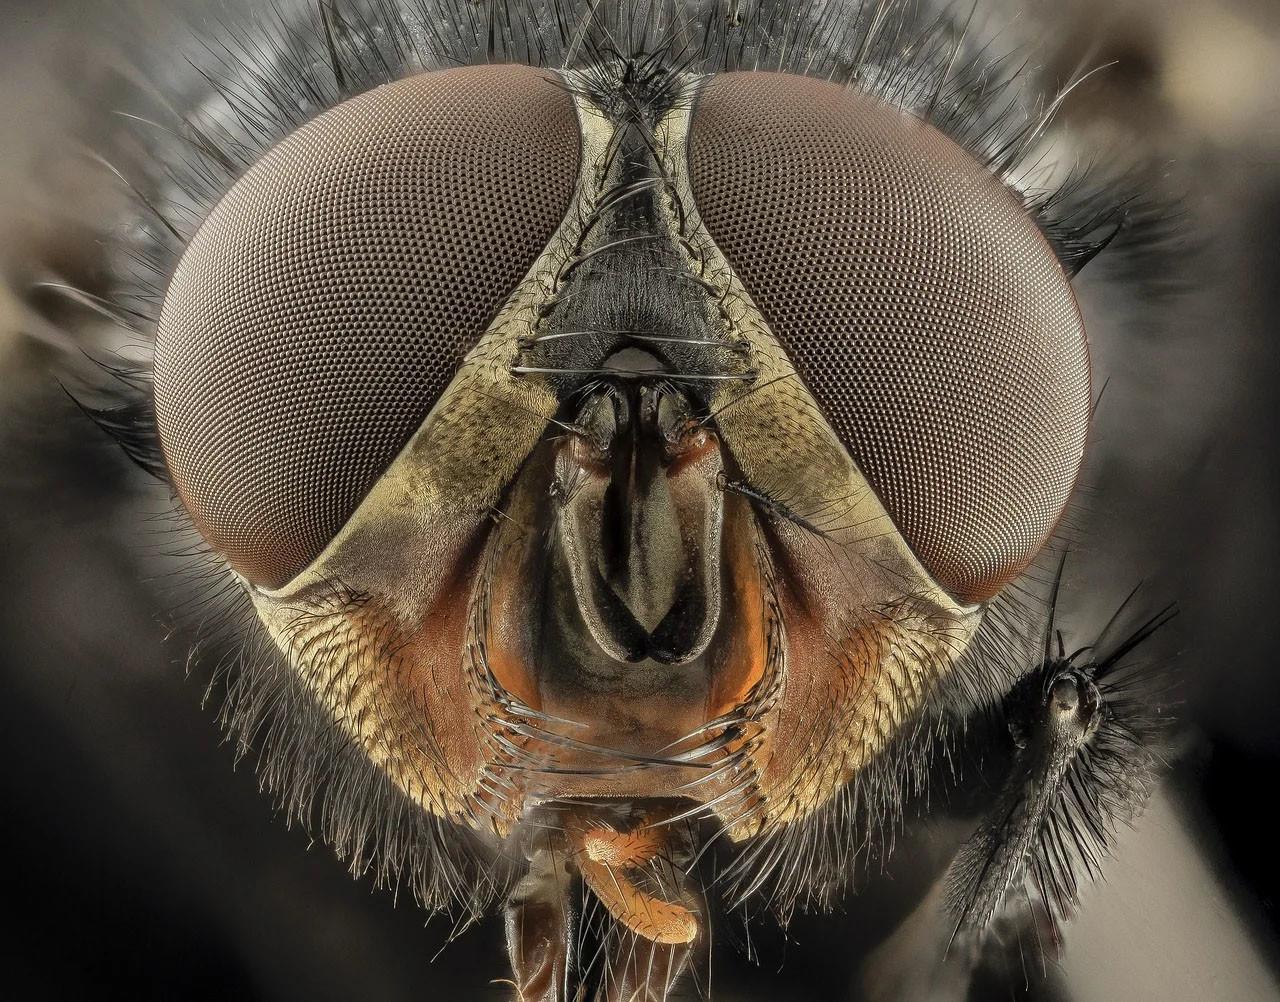 Moscas. Mediambiente. Entomo Agroindustrial